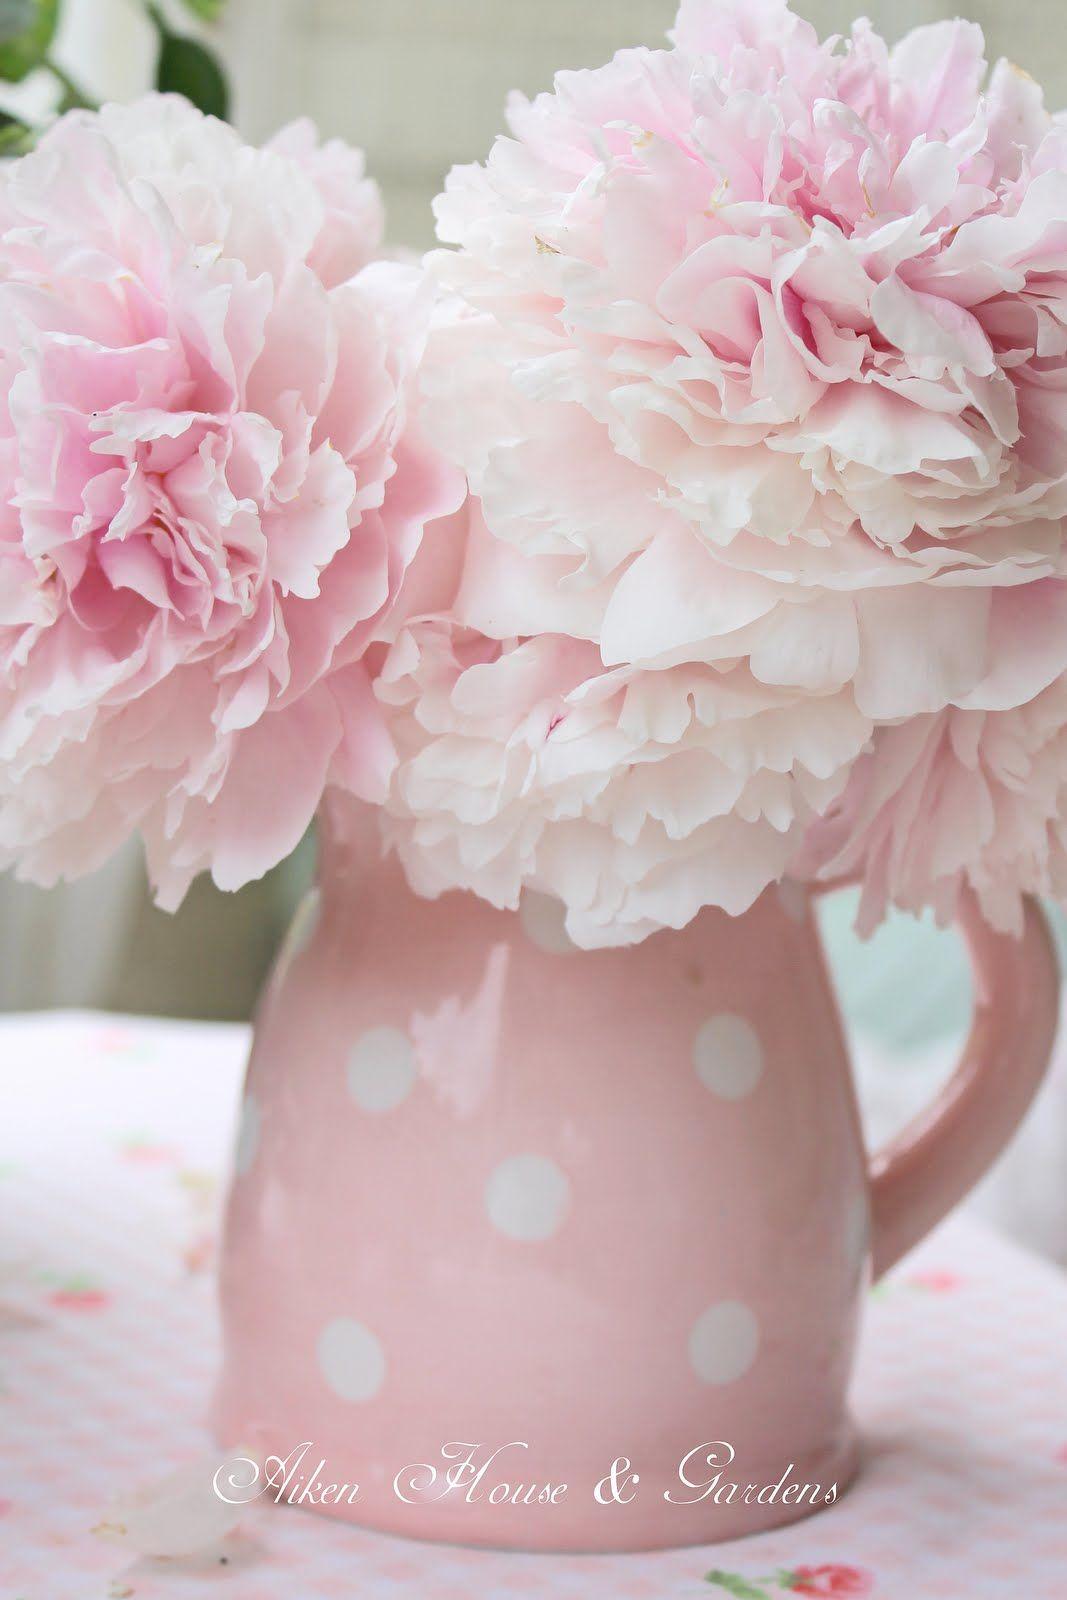 Aiken House Gardens Pink Peonies Roses In Pink Polka